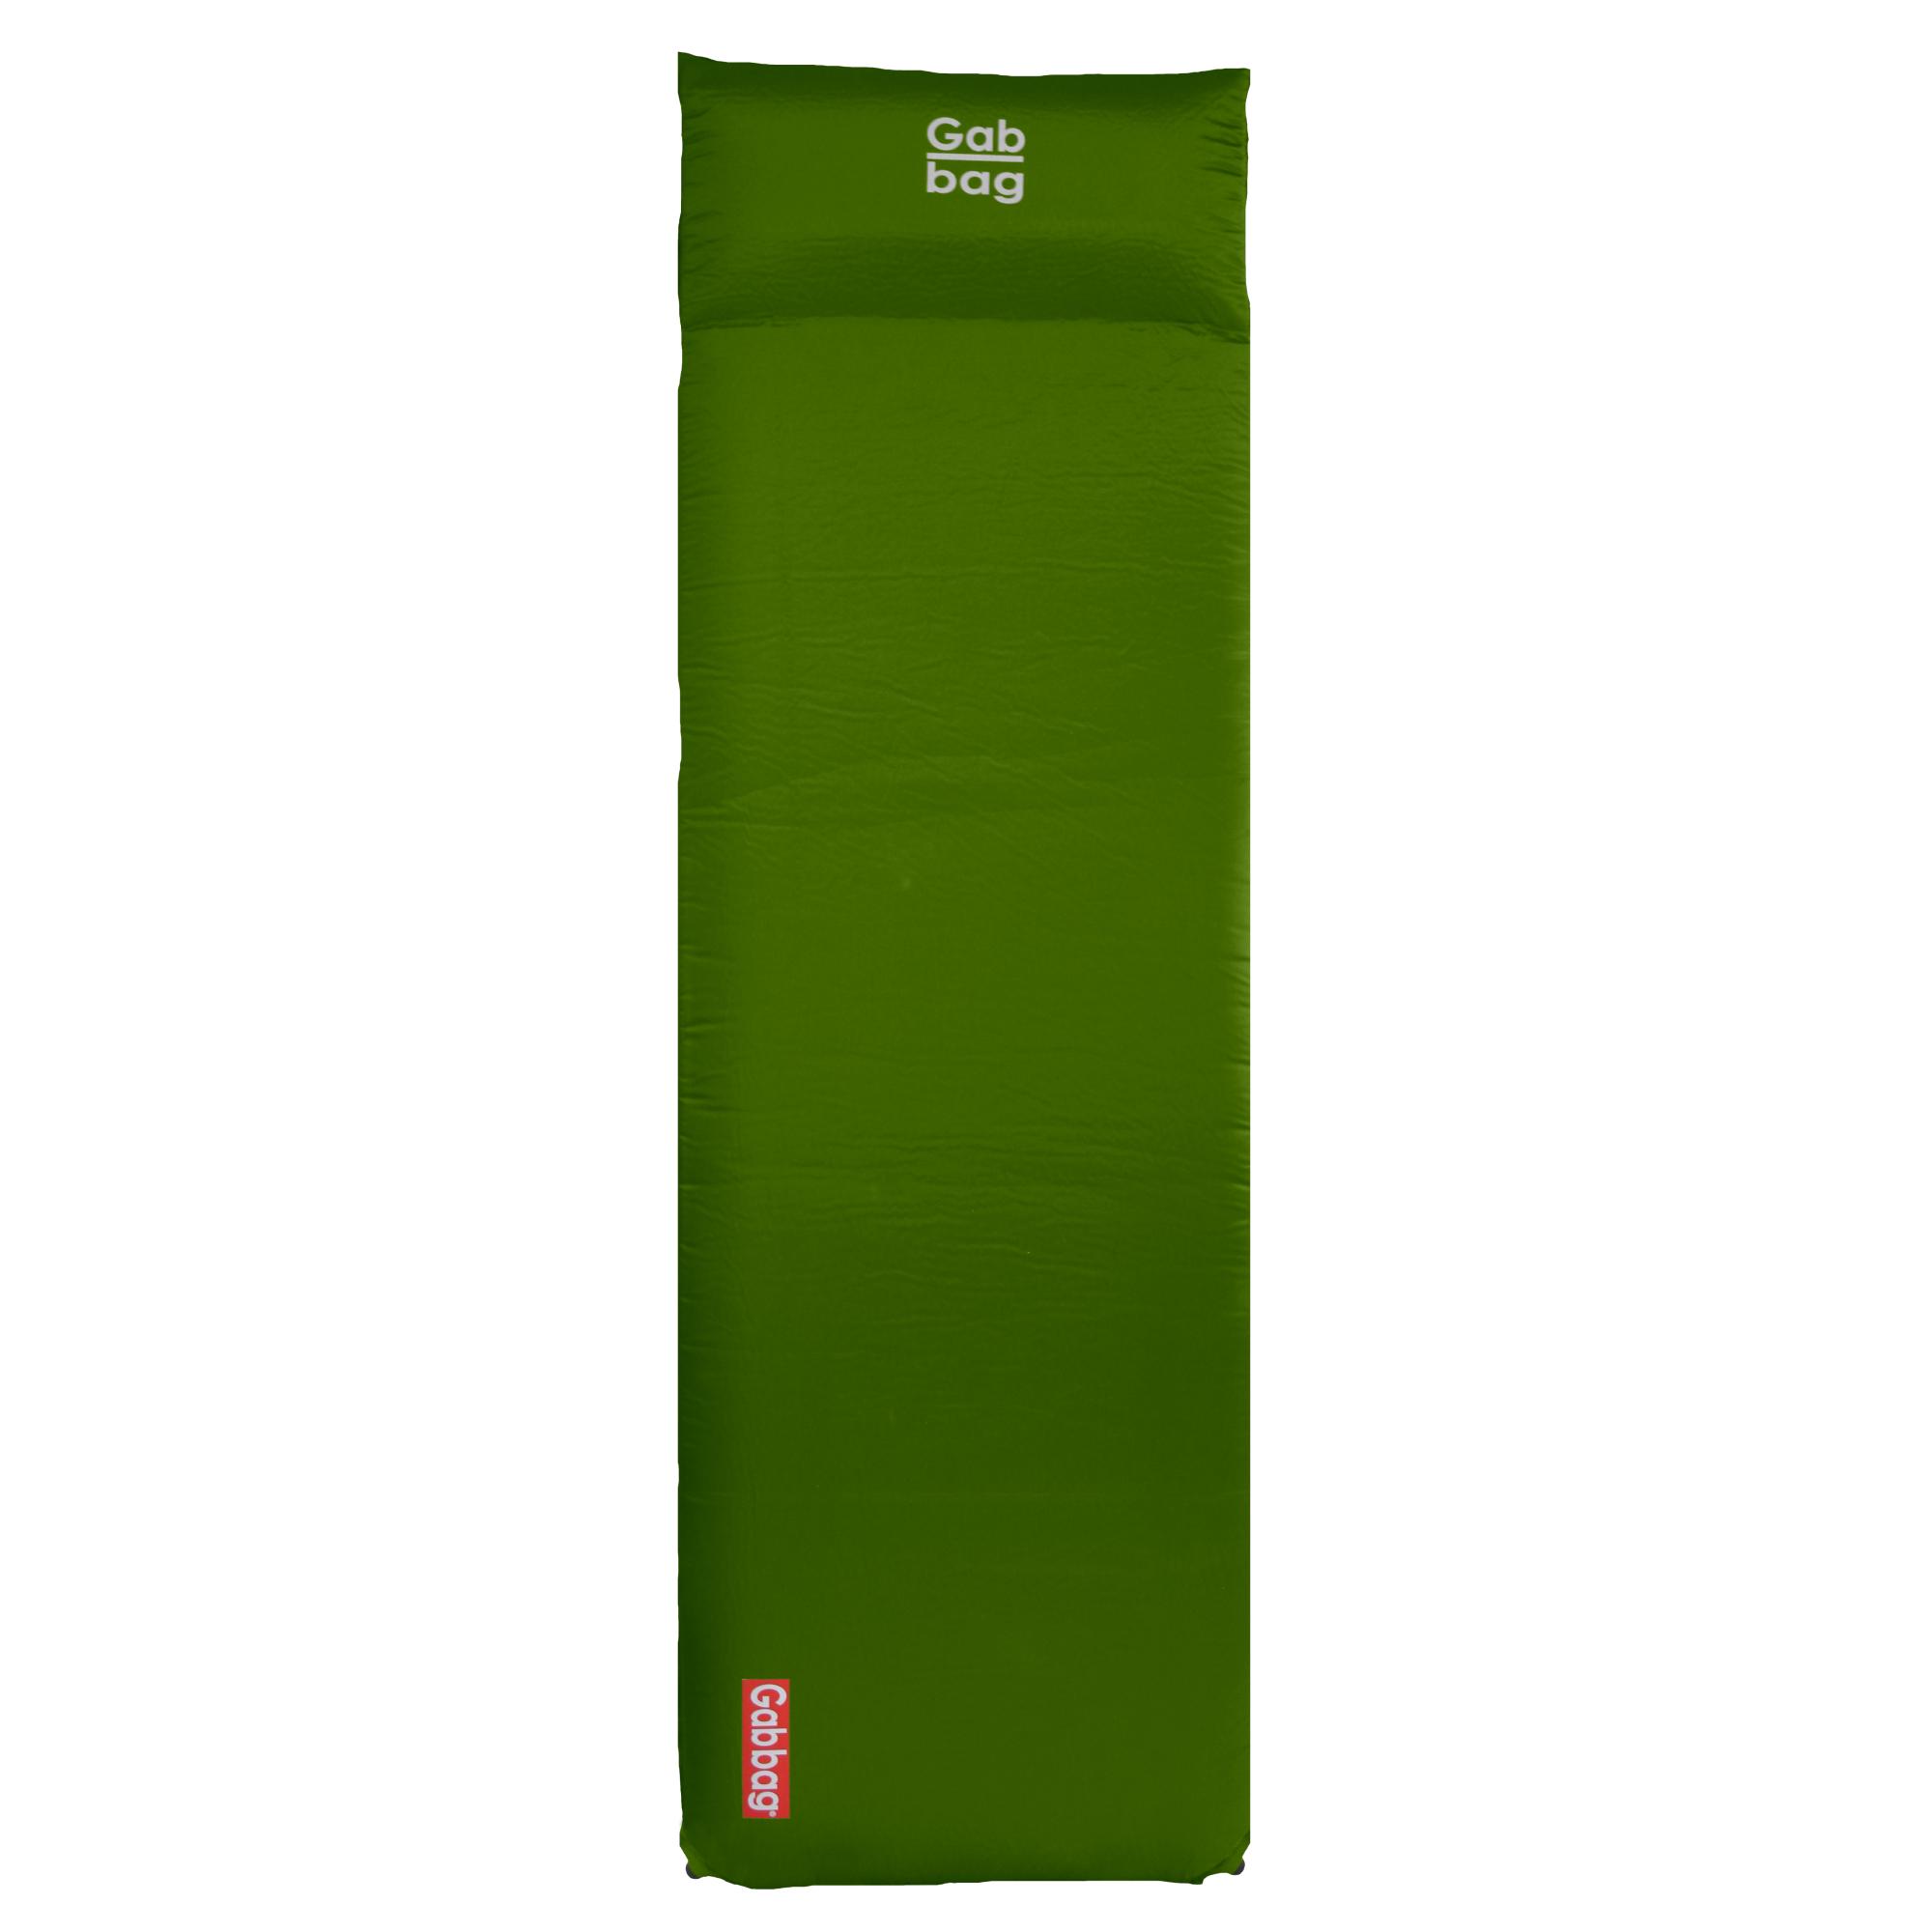 Bandit zelfopblazende slaapmat groen